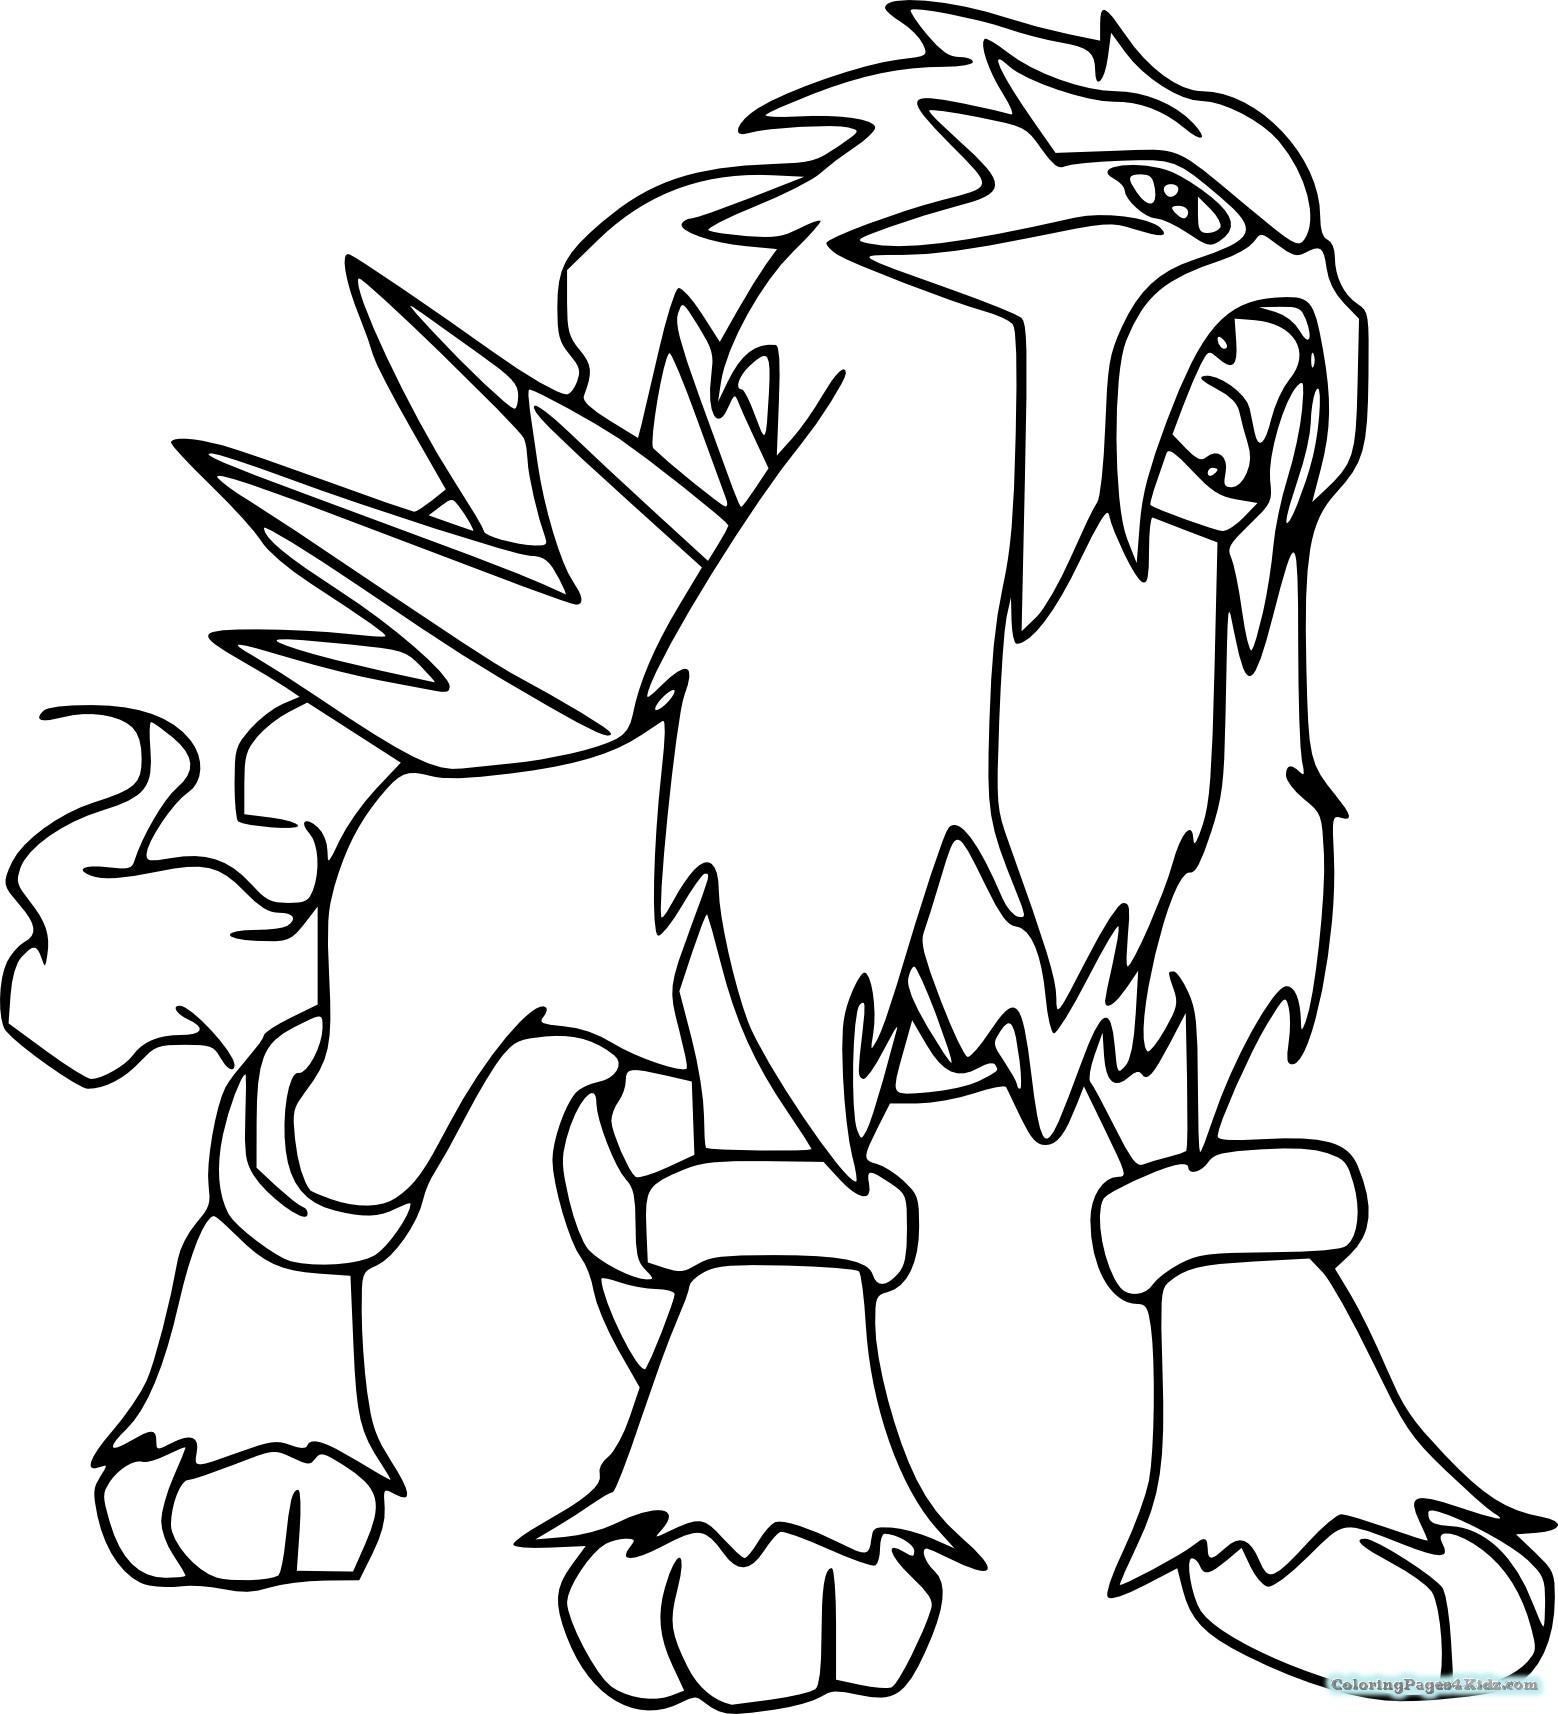 1558x1714 Legendary Pokemon Coloring Pages Palkia Free I Raikou